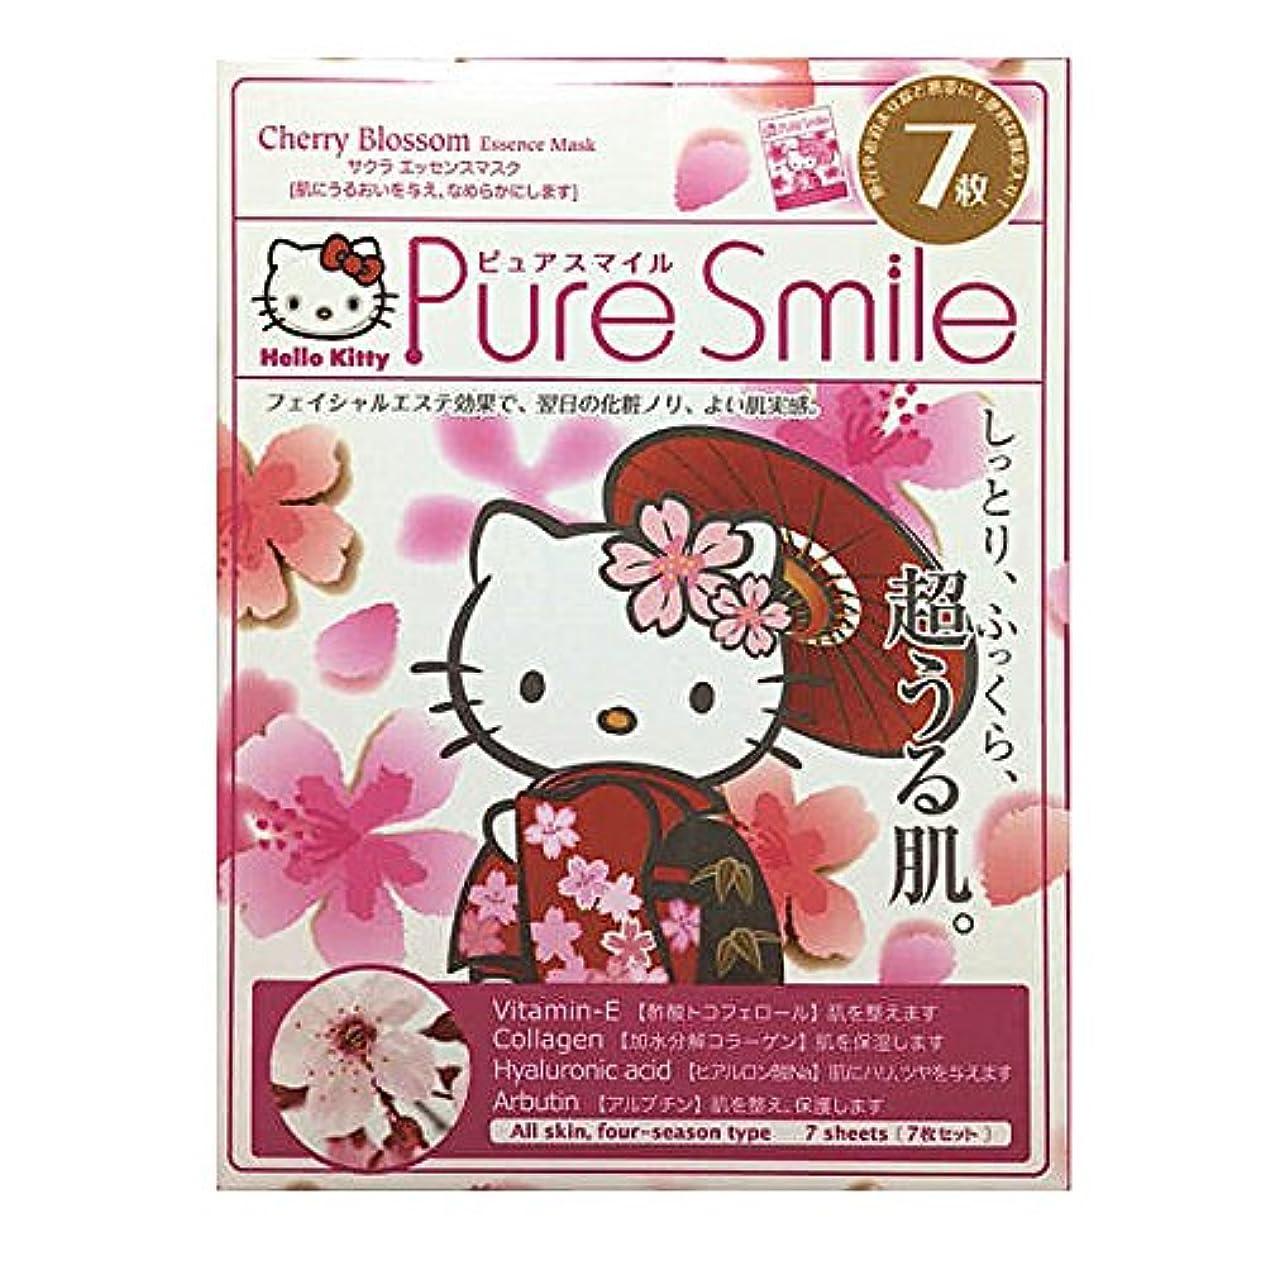 スローガンアーティキュレーションリベラルPure Smile(ピュサスマイル)×Hello Kitty フェイスマスクBOXタイプ サクラエッセンス 7枚入